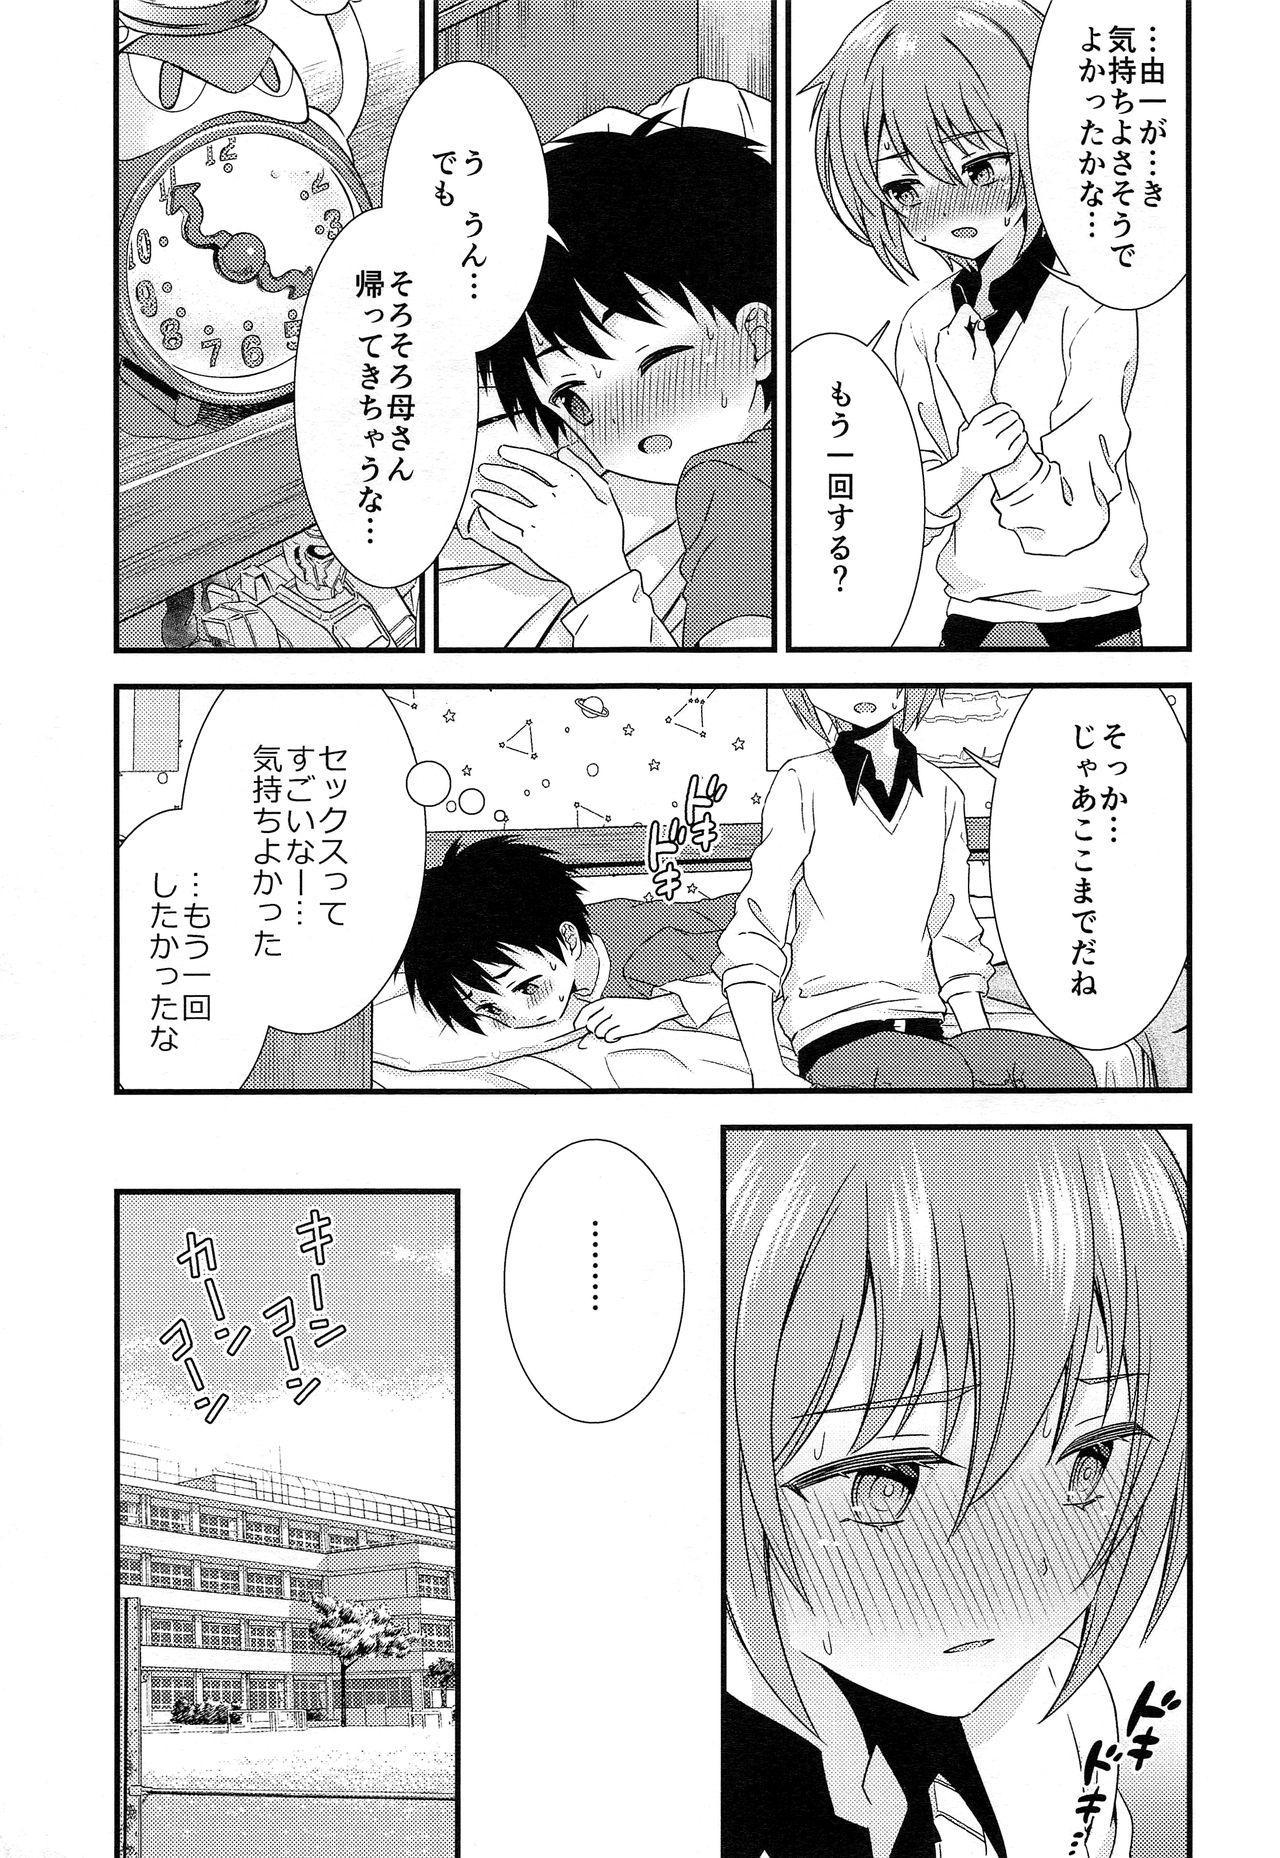 Yuujou no Hate ni Kimi to Sex shita 17